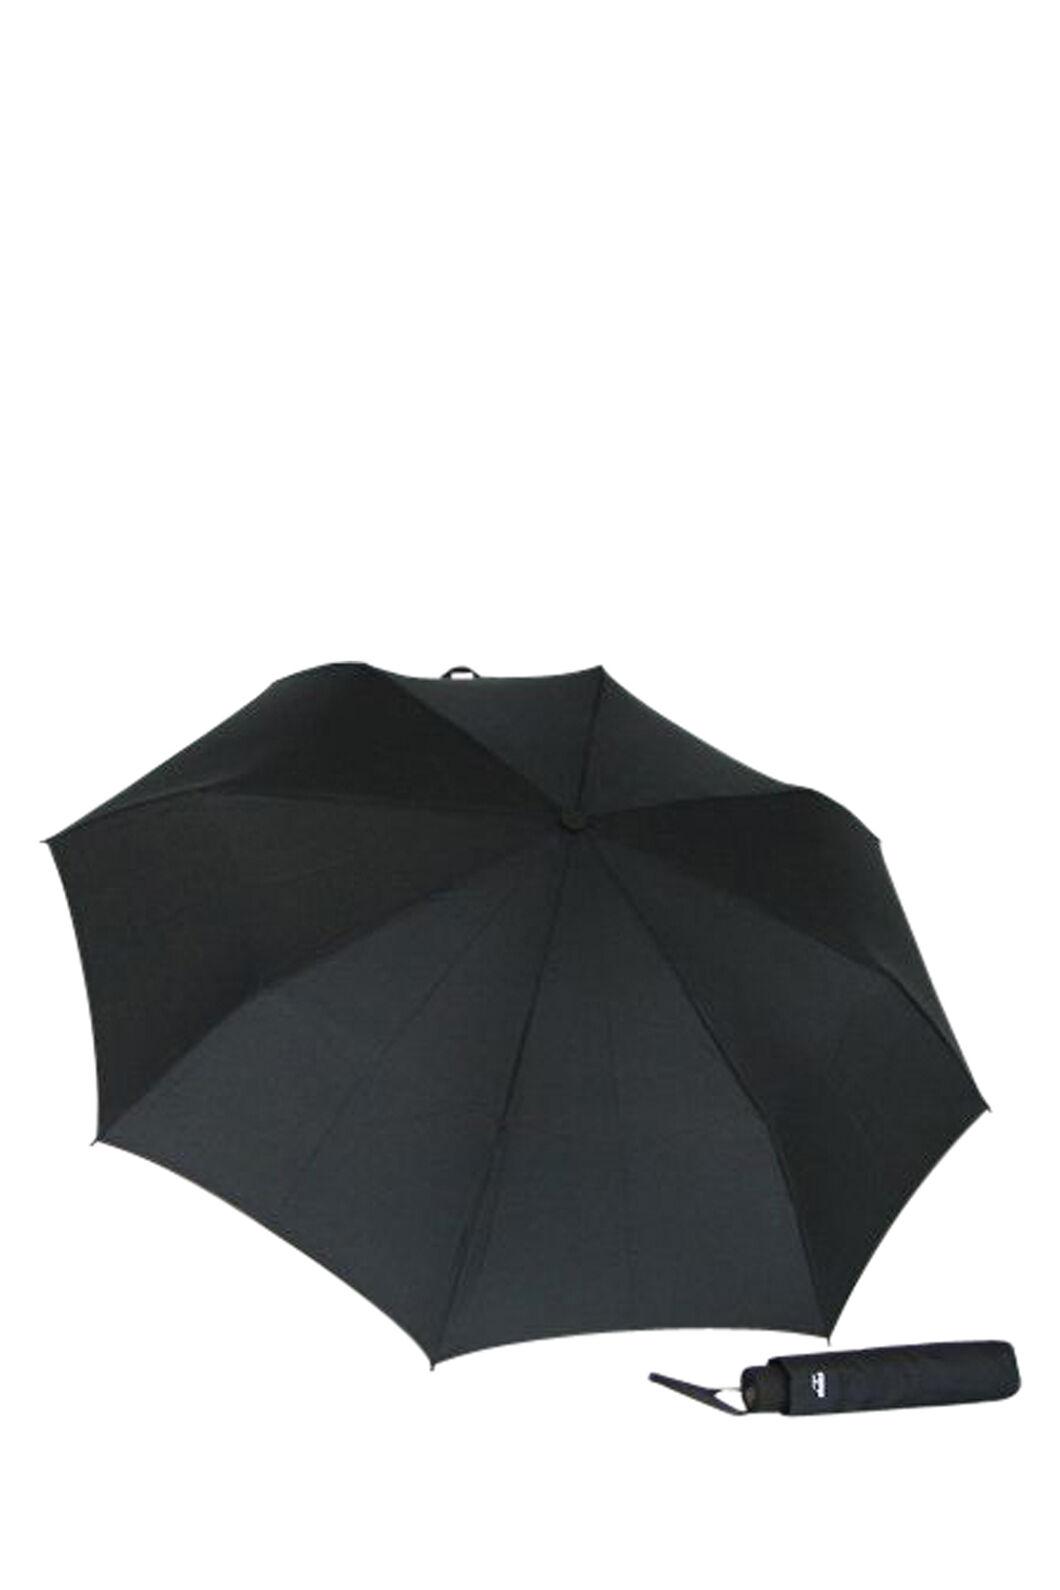 Shell Shelta Umbrella, None, hi-res